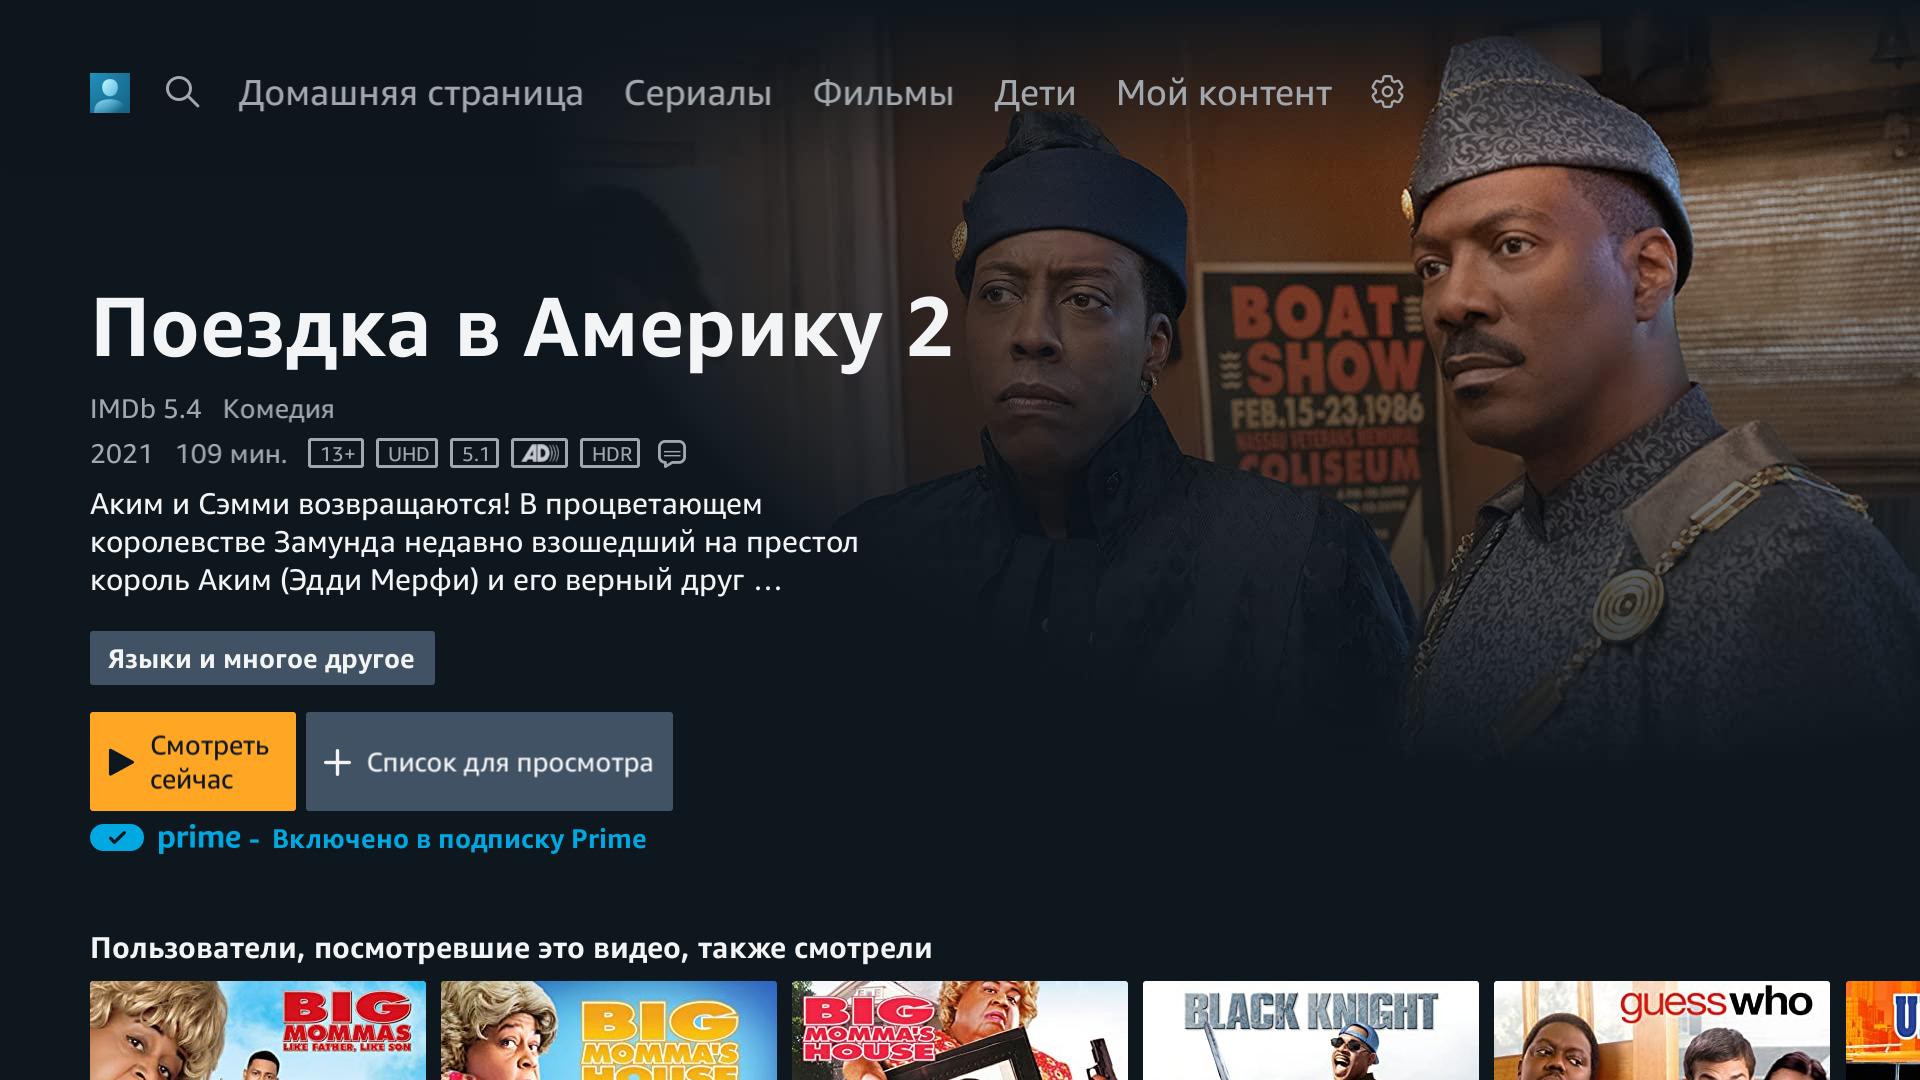 Обзор Mecool KM6 Deluxe: новое поколение приставок Android TV. Обзор на InSKU.com